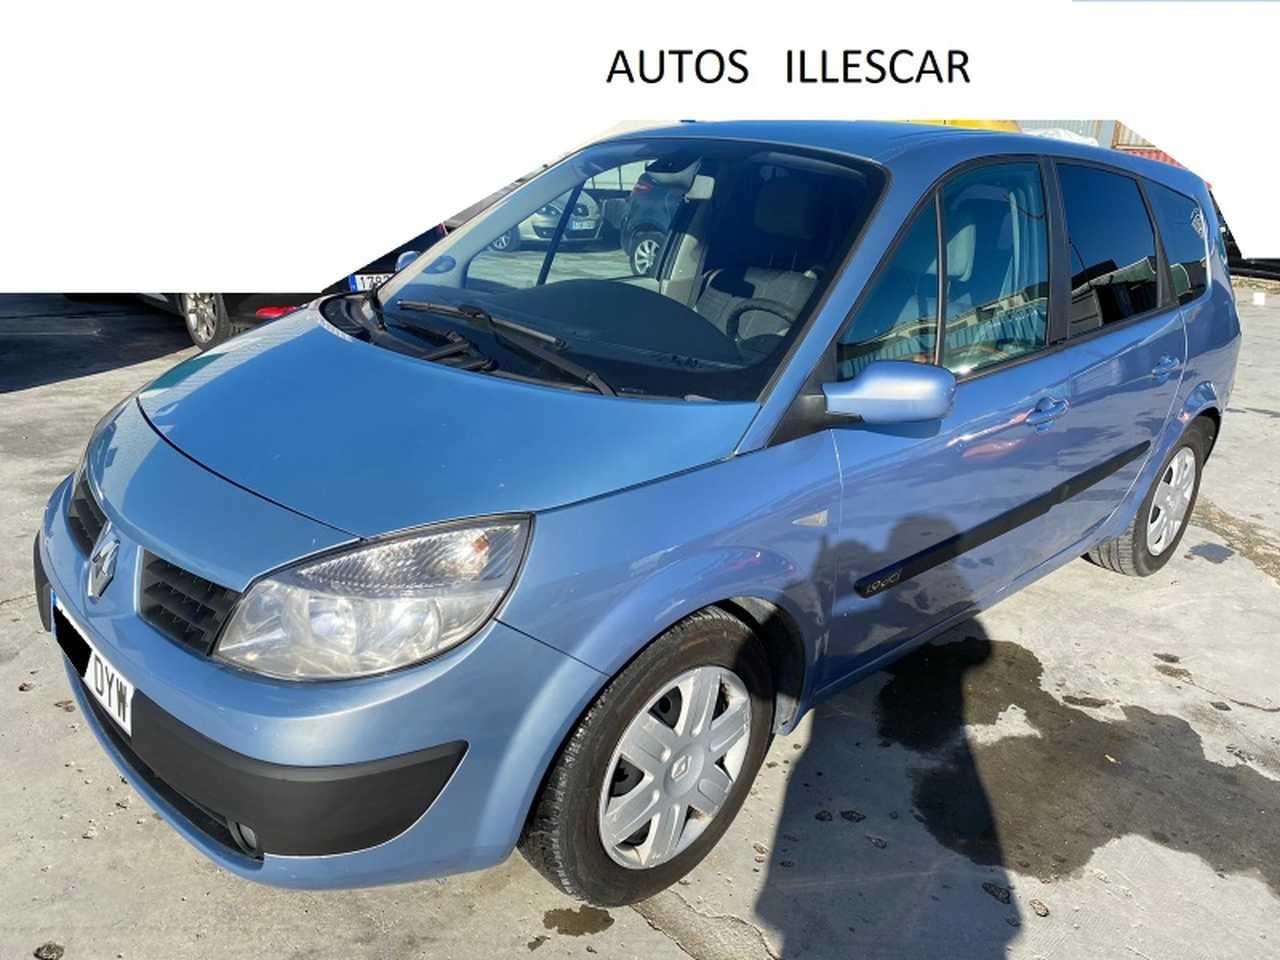 Renault Grand Scénic 1.9 DCI  130 CV  7 PLAZAS ADMITIMOS PRUEBA MECANICA  - Foto 1